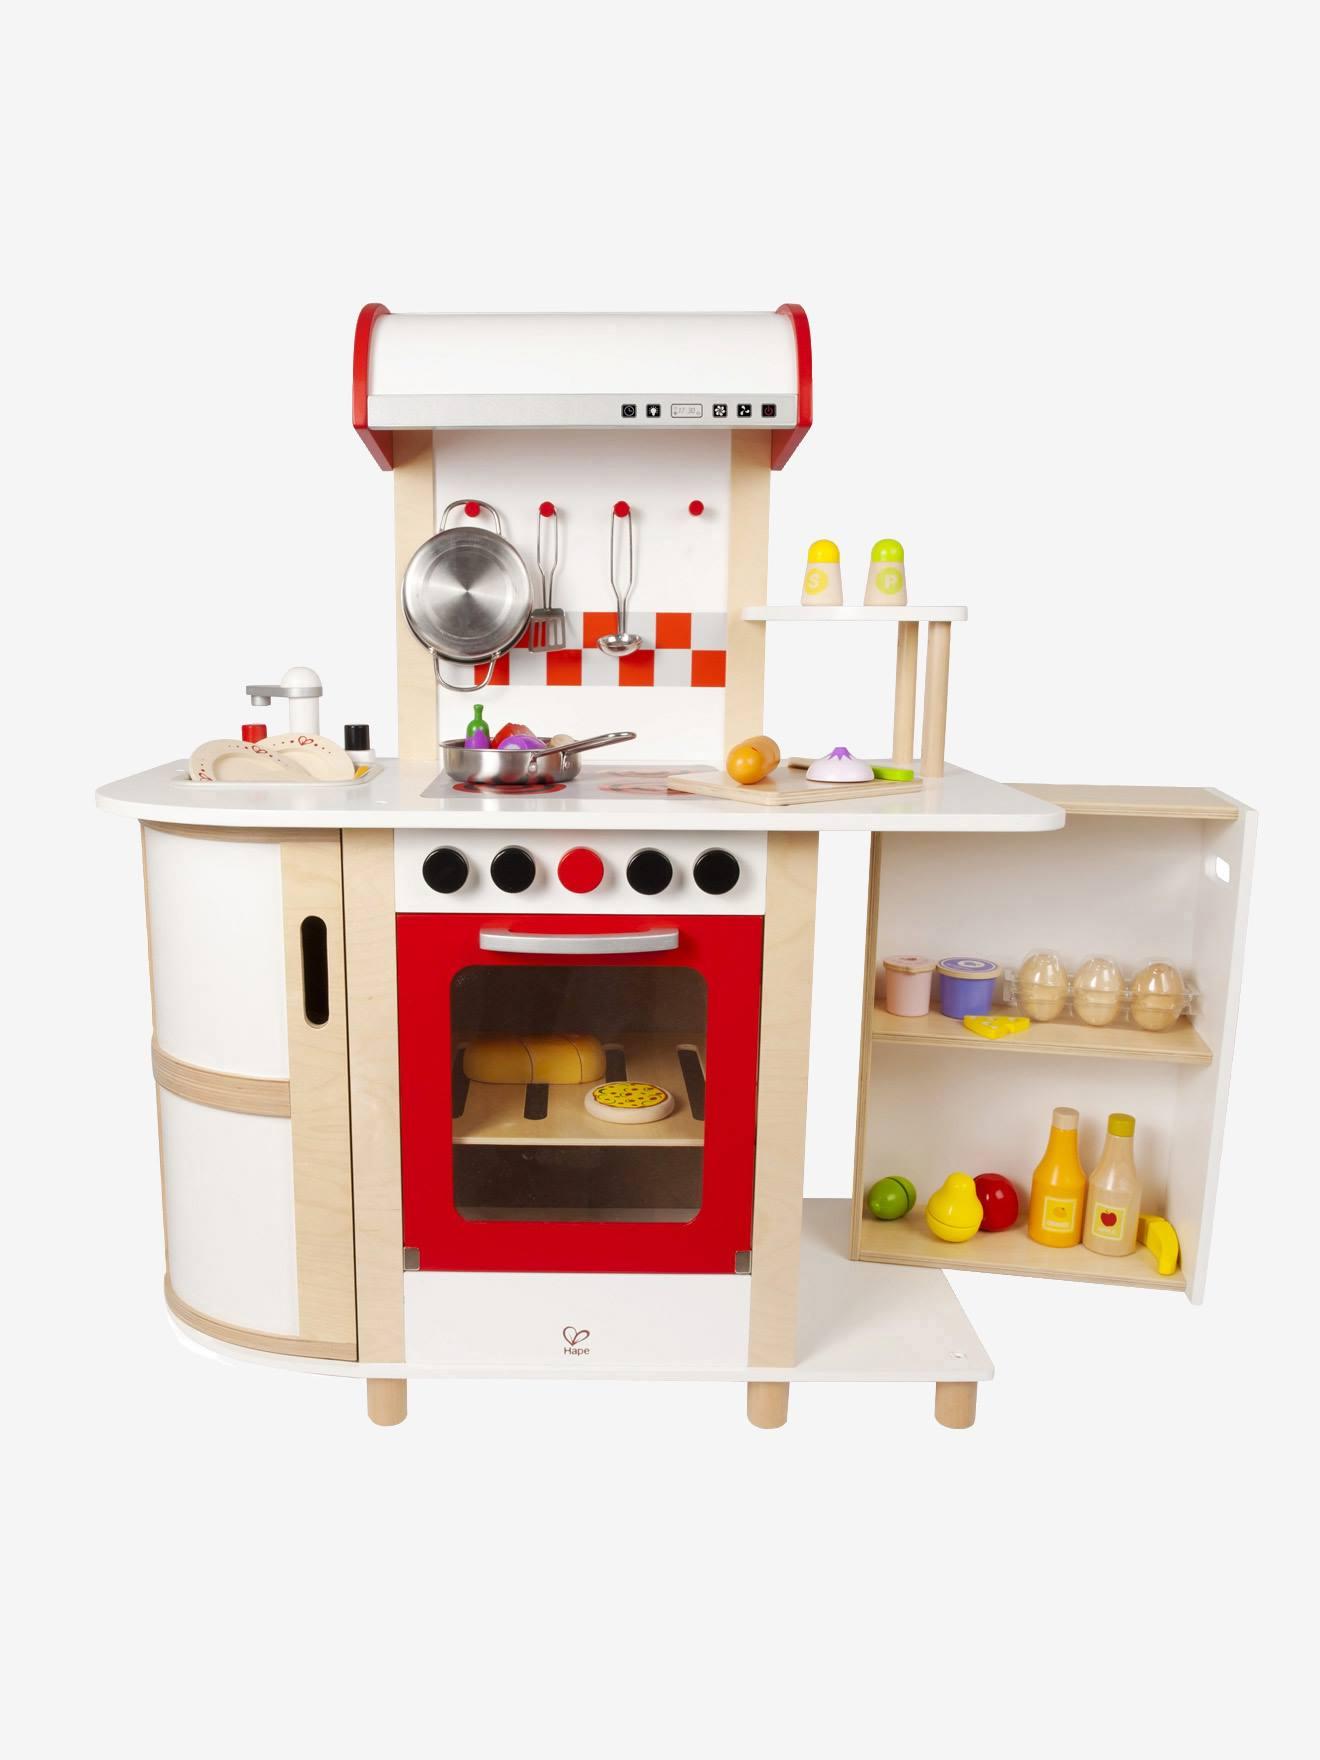 Ungewöhnlich Holzspielküche Zeitgenössisch - Küchen Ideen Modern ...